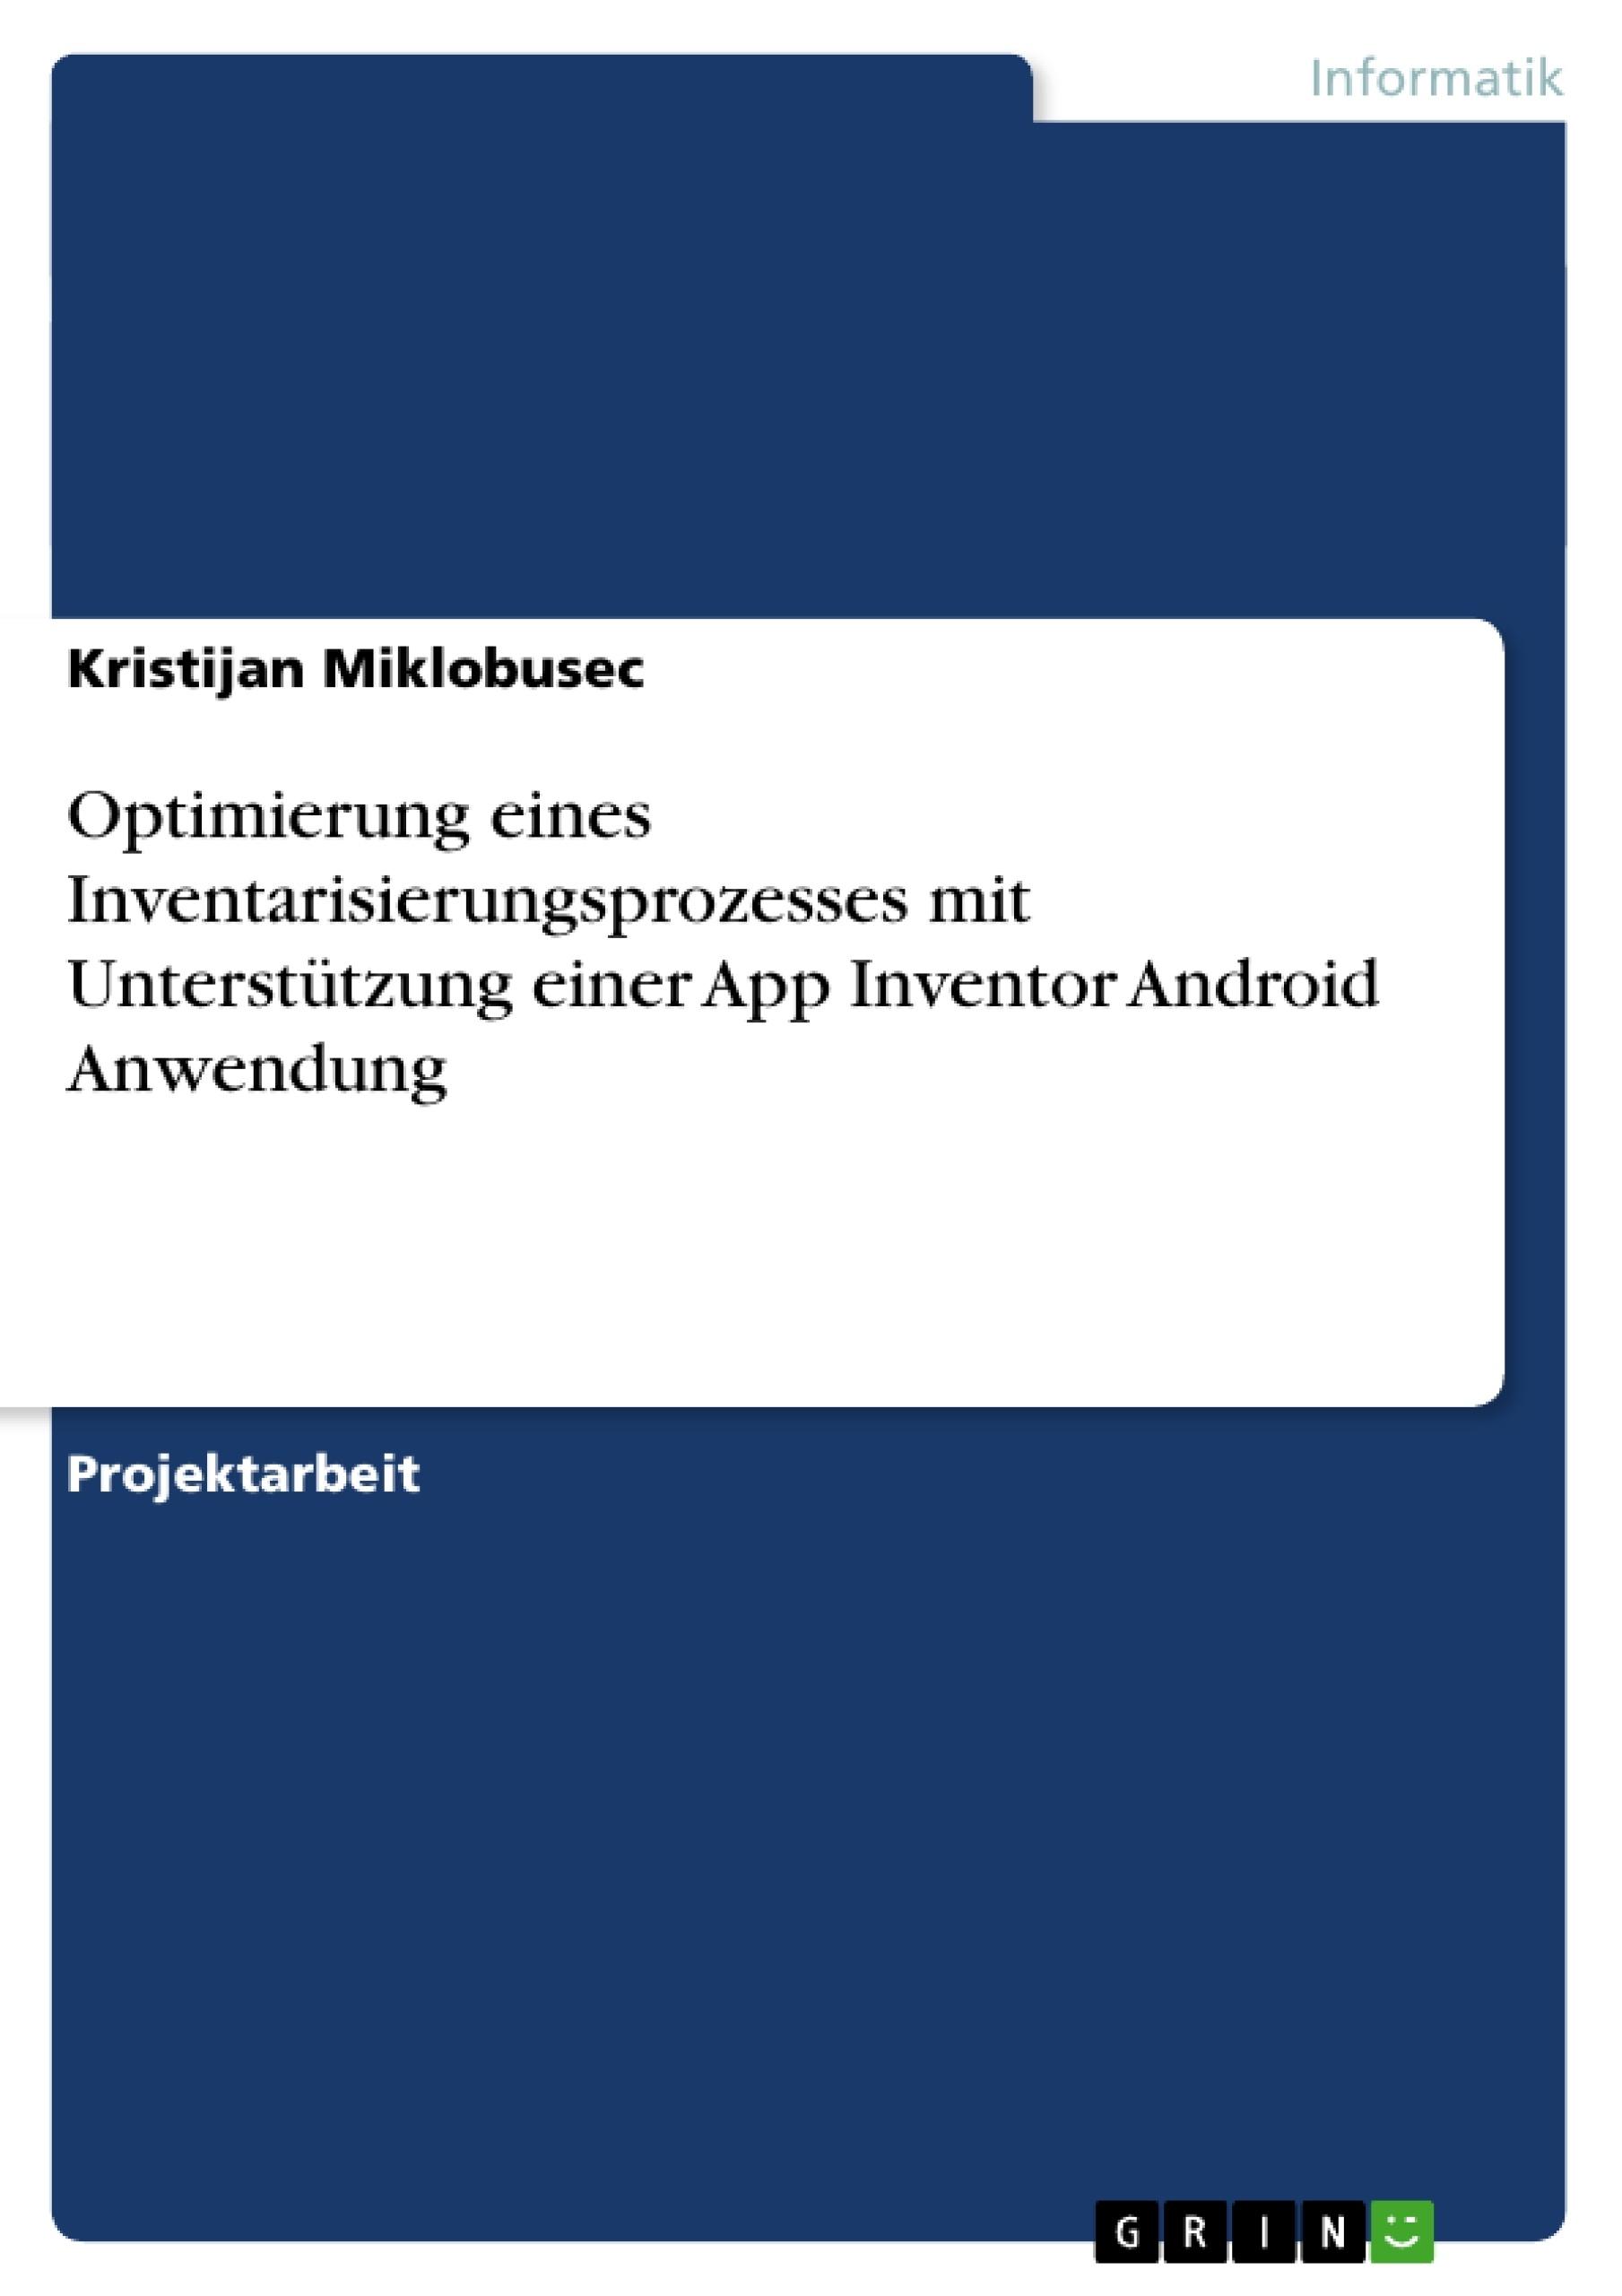 Titel: Optimierung eines Inventarisierungsprozesses mit Unterstützung einer App Inventor Android Anwendung